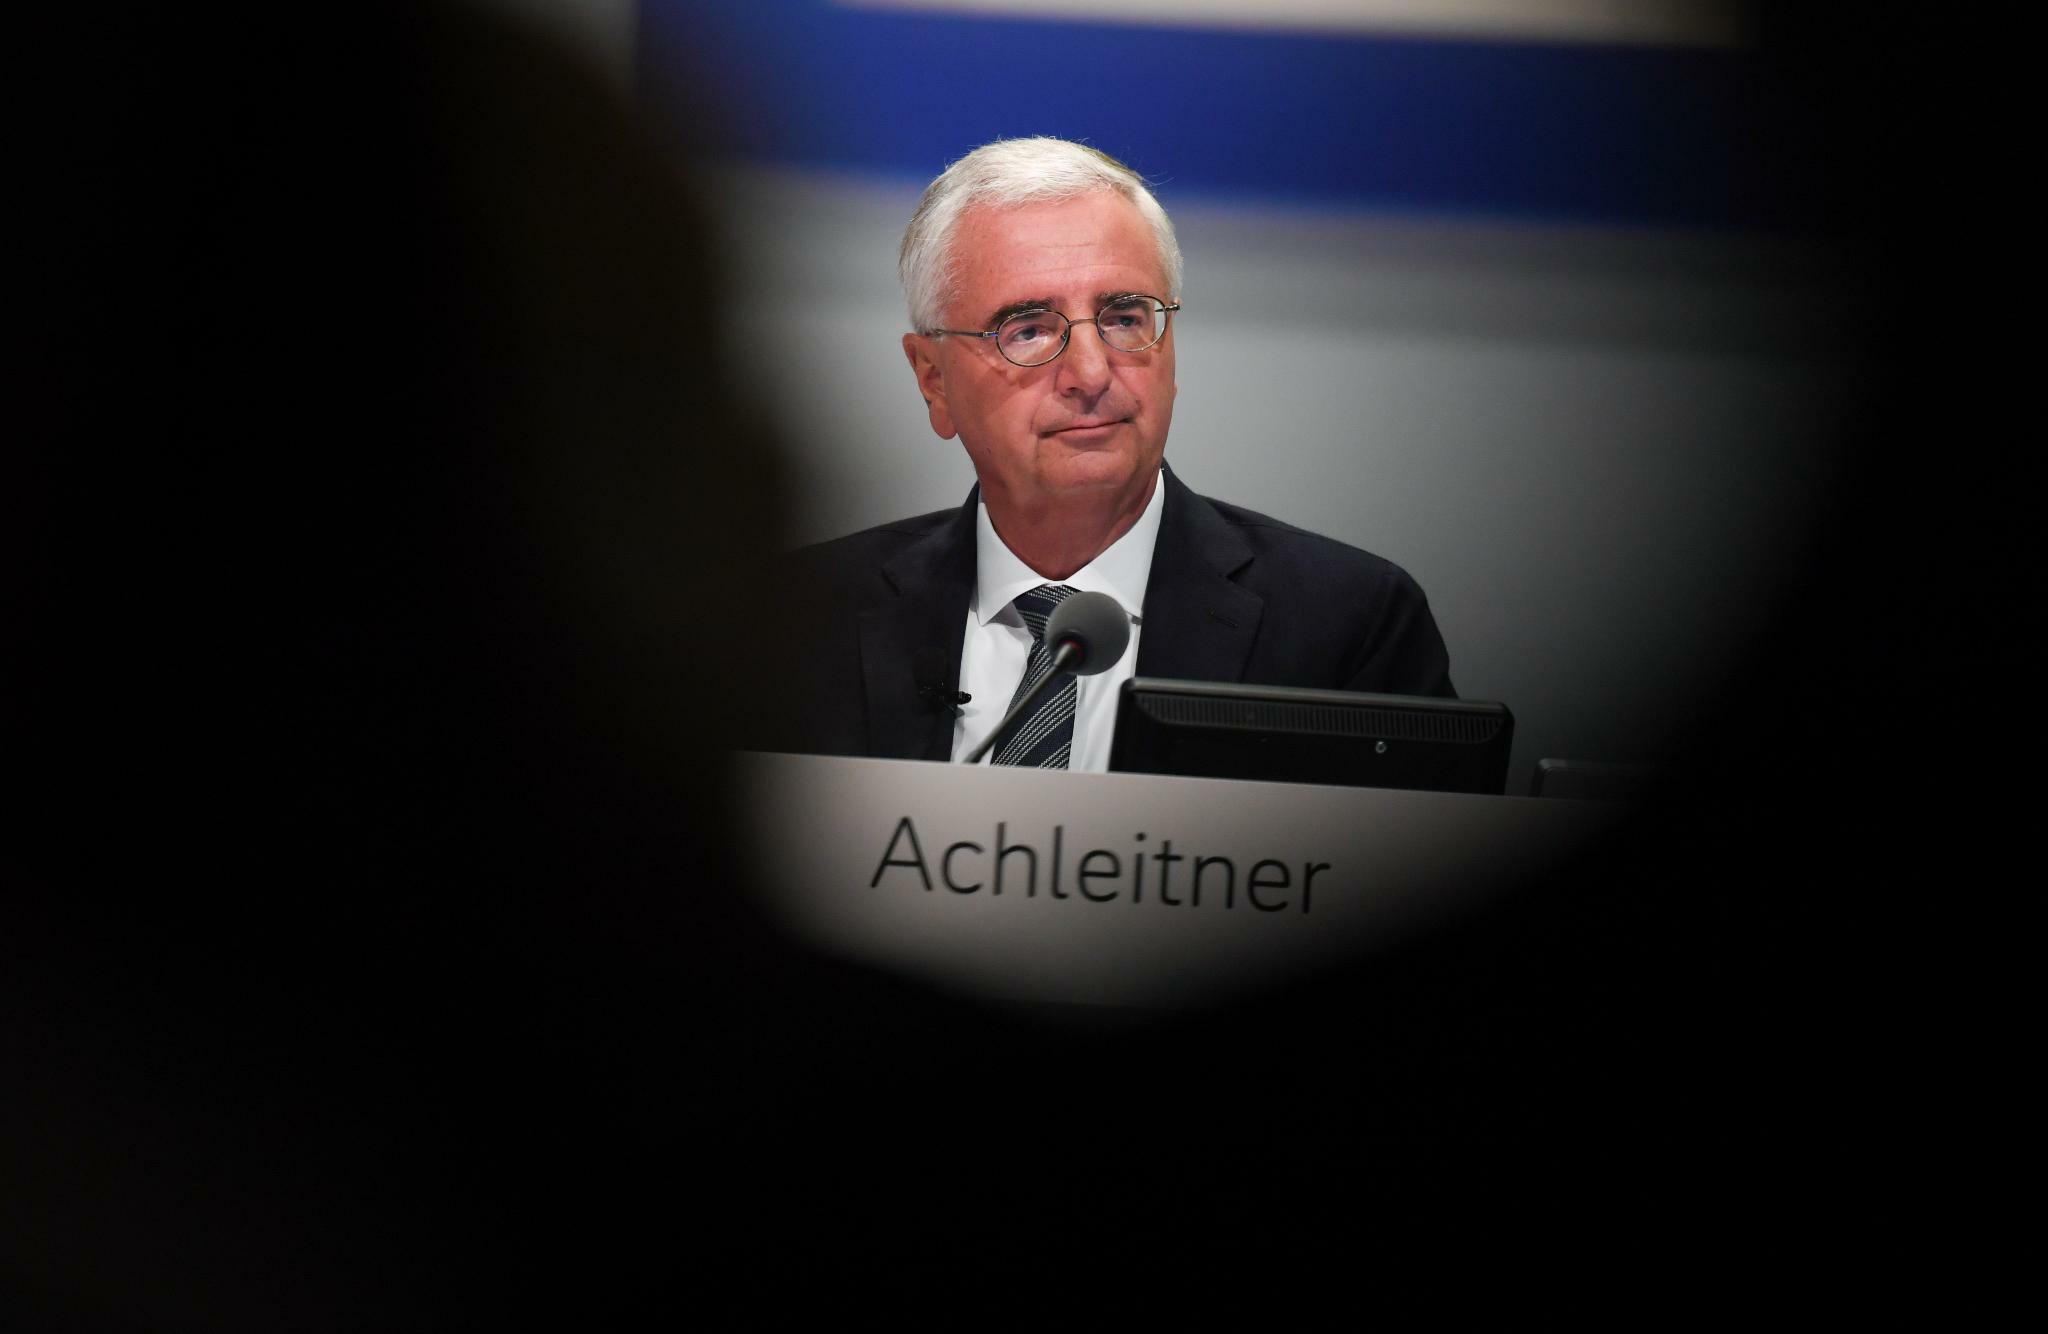 Deutsche Bank: Aufsichtsratschef Achleitner sucht bereits nach seinem Nachfolger